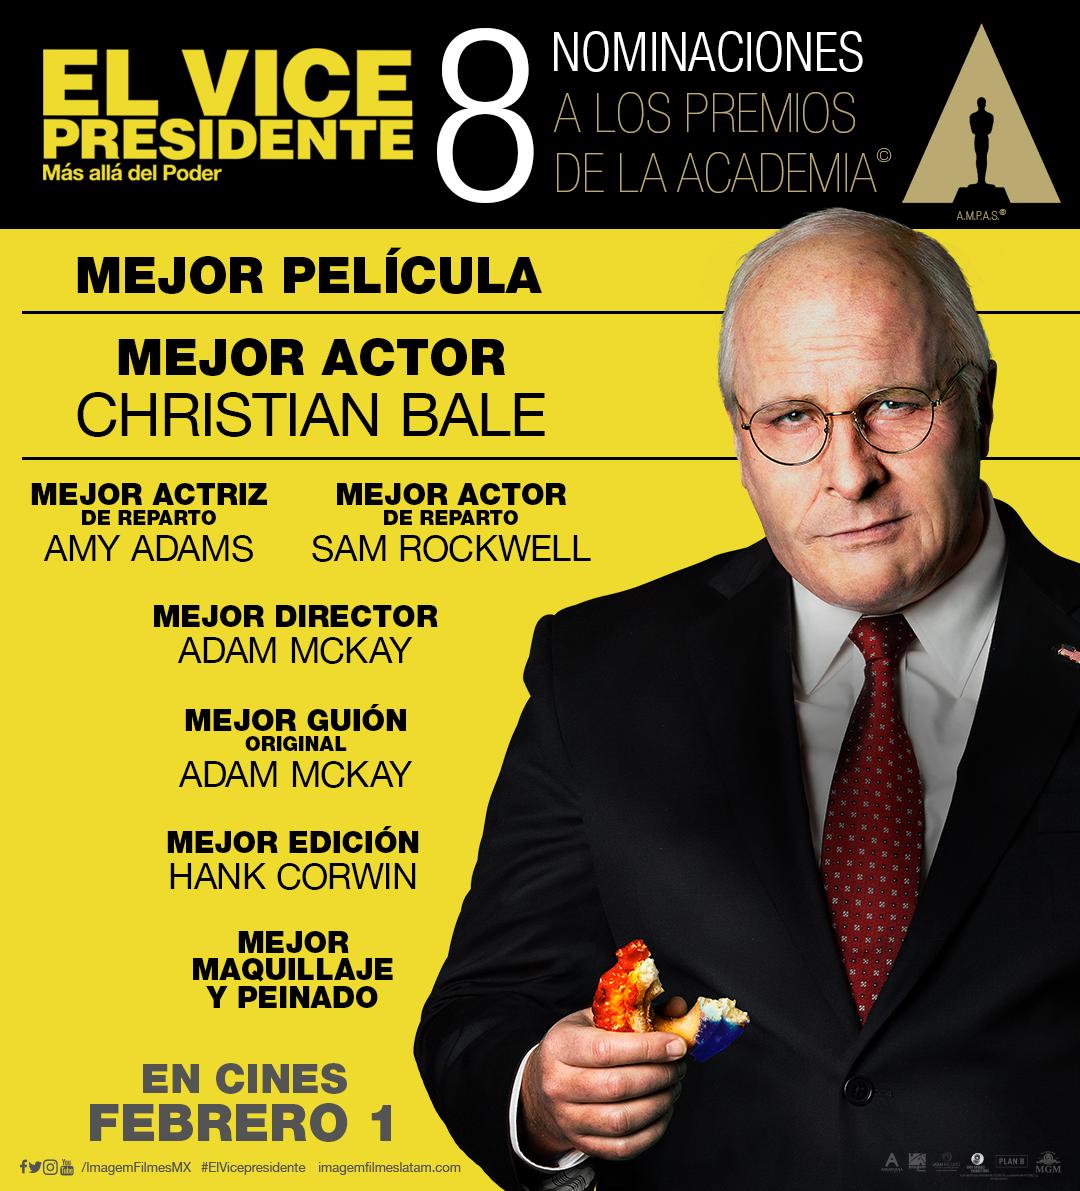 Nominaciones El Vicepresidente a Oscar 2019